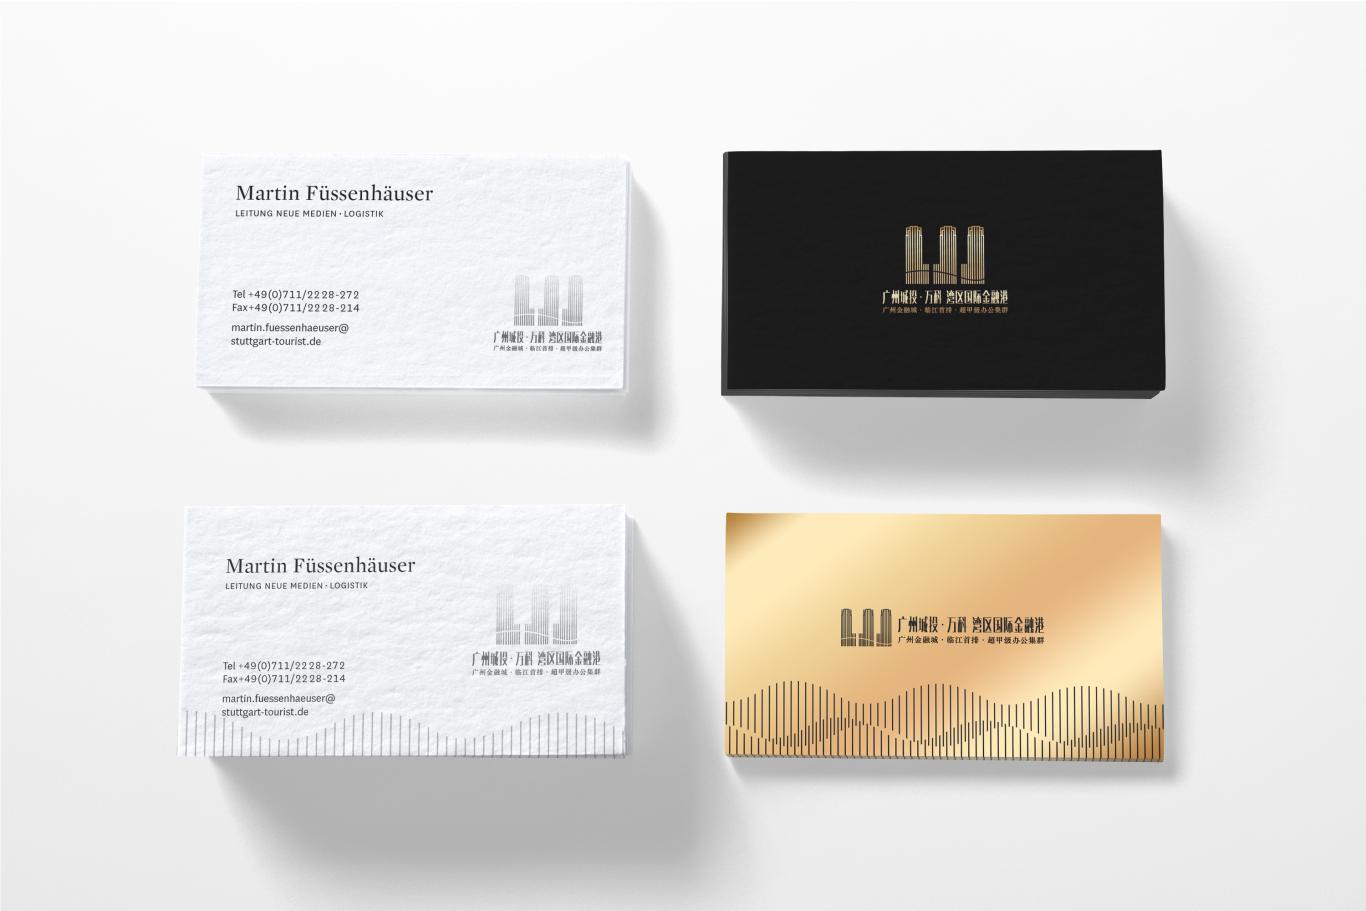 广州城投·万科 湾区国际经融港/品牌包装 VI视觉识别系统设计 地产logo设计图12